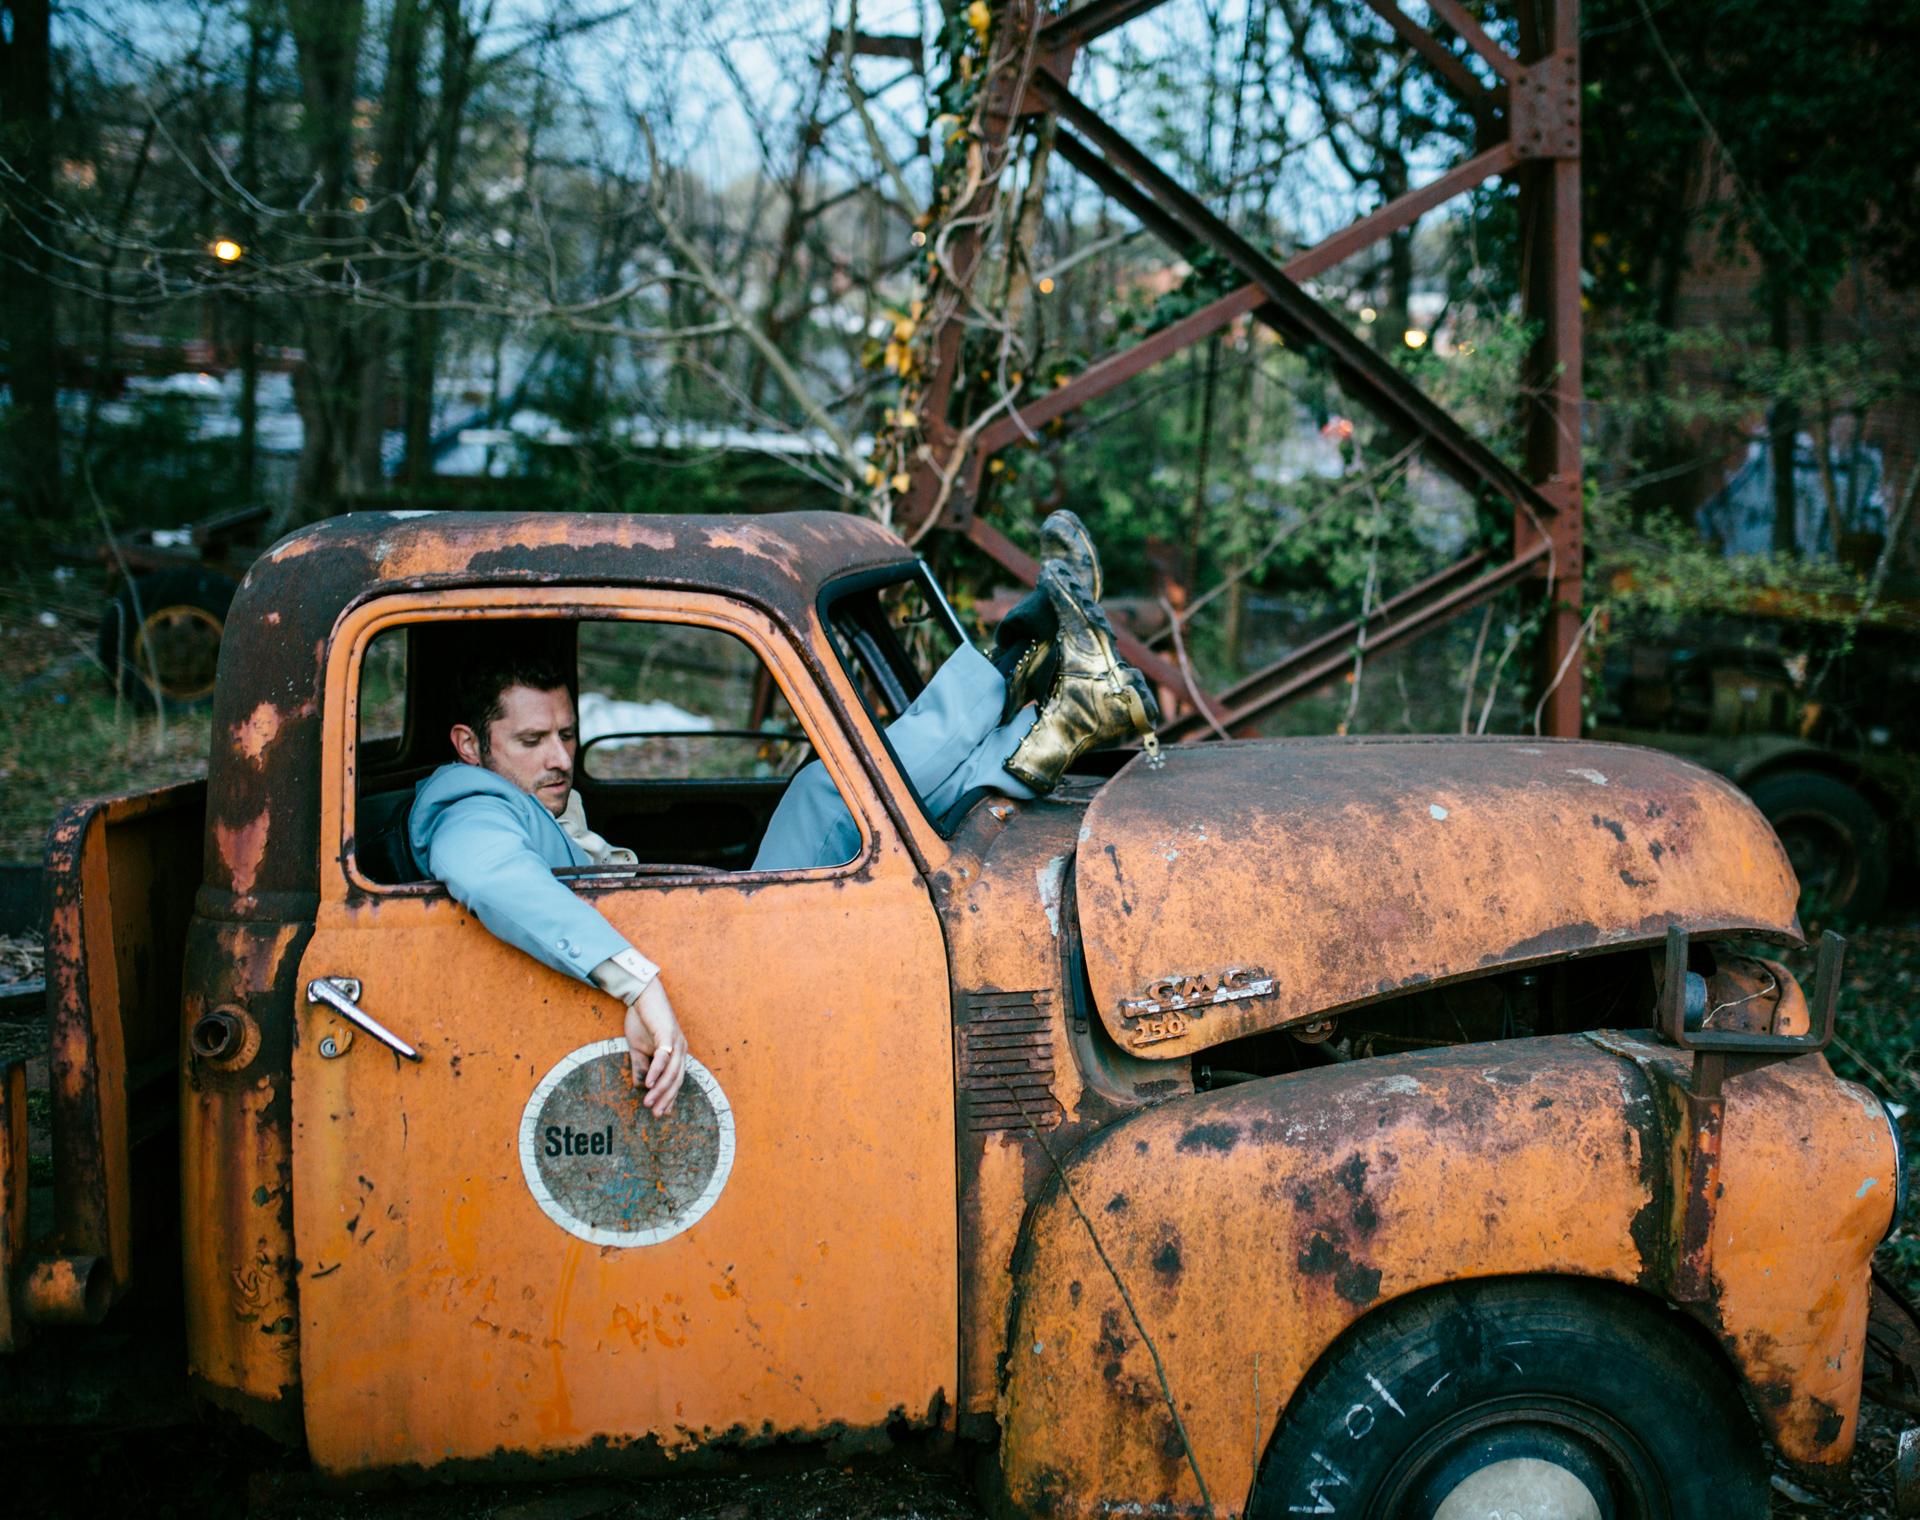 Jason-kutchma-musician-photography-67.jpg